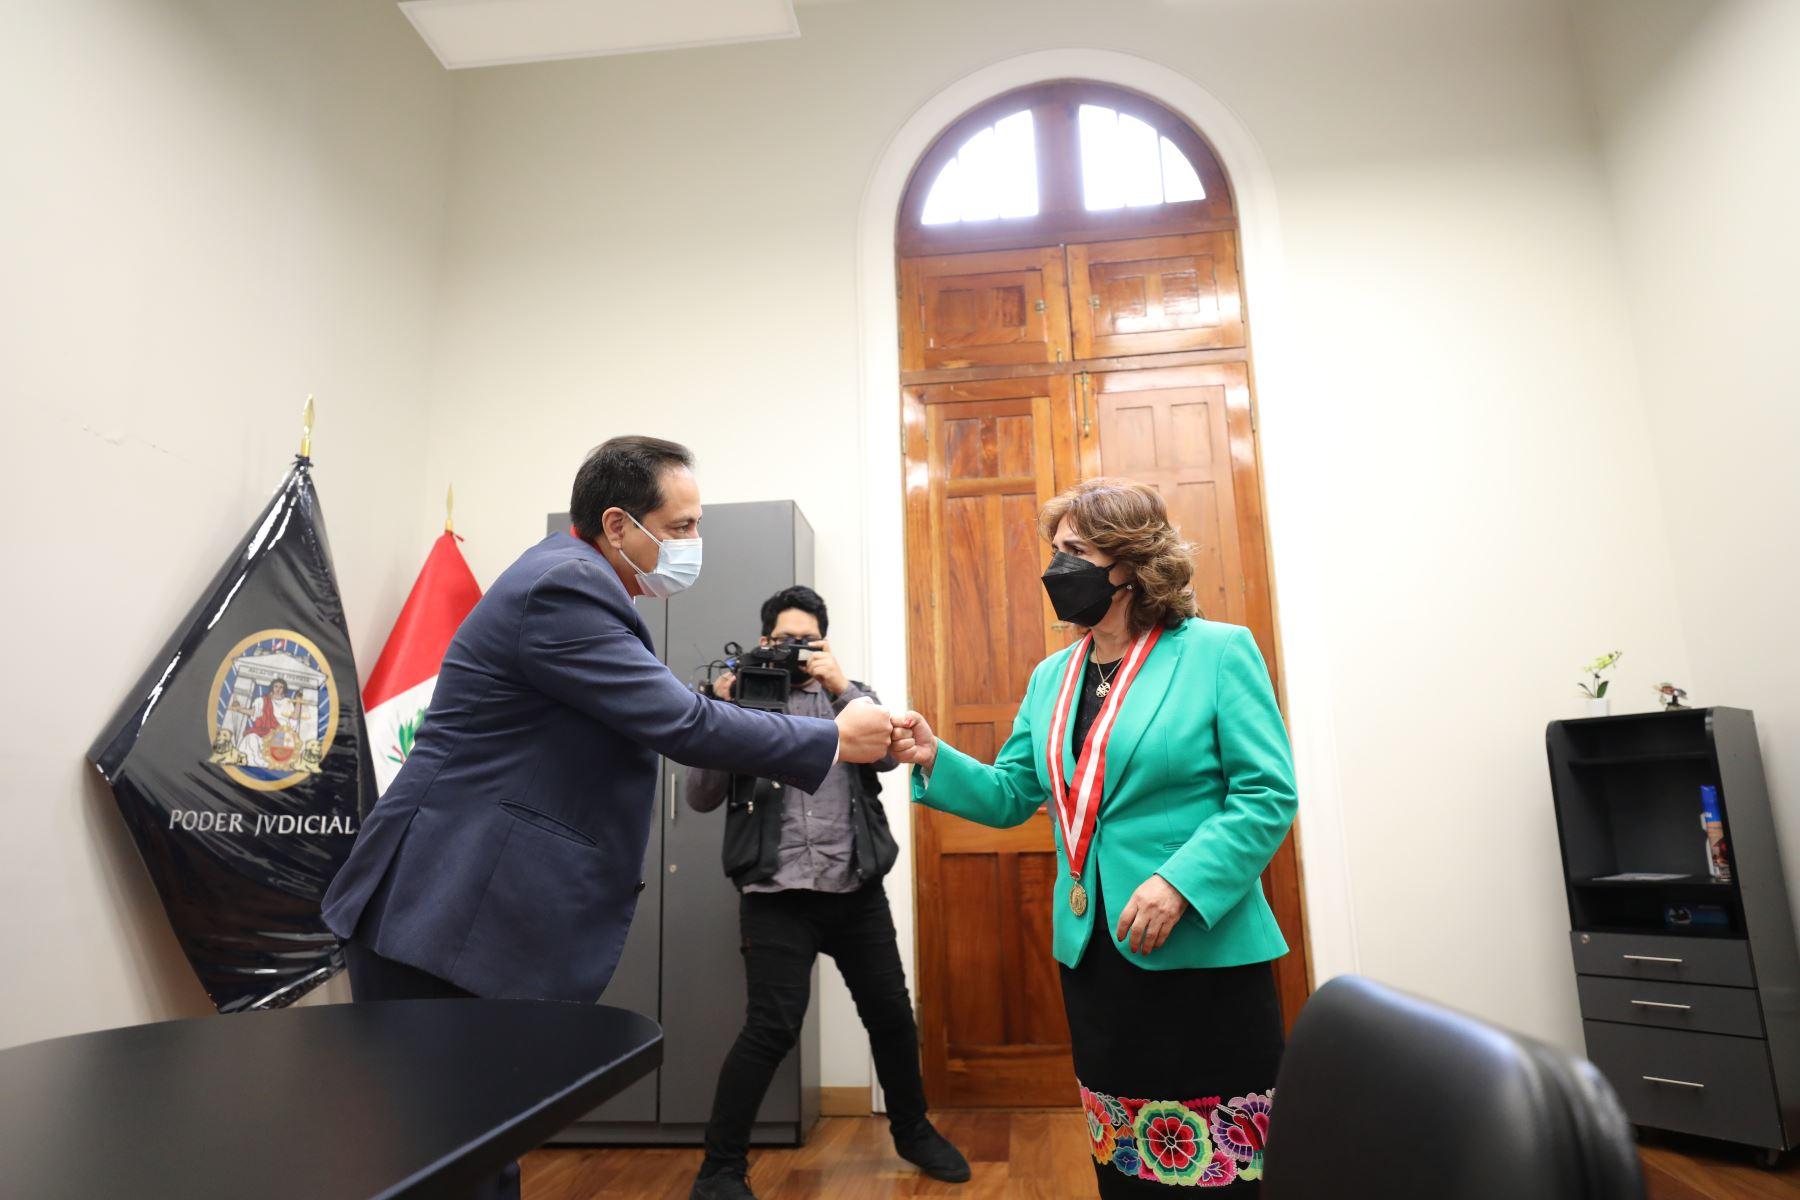 Presidenta del Poder Judicial, Elvia Barrios Alvarado, realizó una visita a las dos sedes de la Corte Superior Nacional de Justicia Penal Especializada, ubicadas en Jr. Manuel Cuadros 182 y Prolongación Tacna 734, ambas en el Cercado de Lima. Foto: PJ